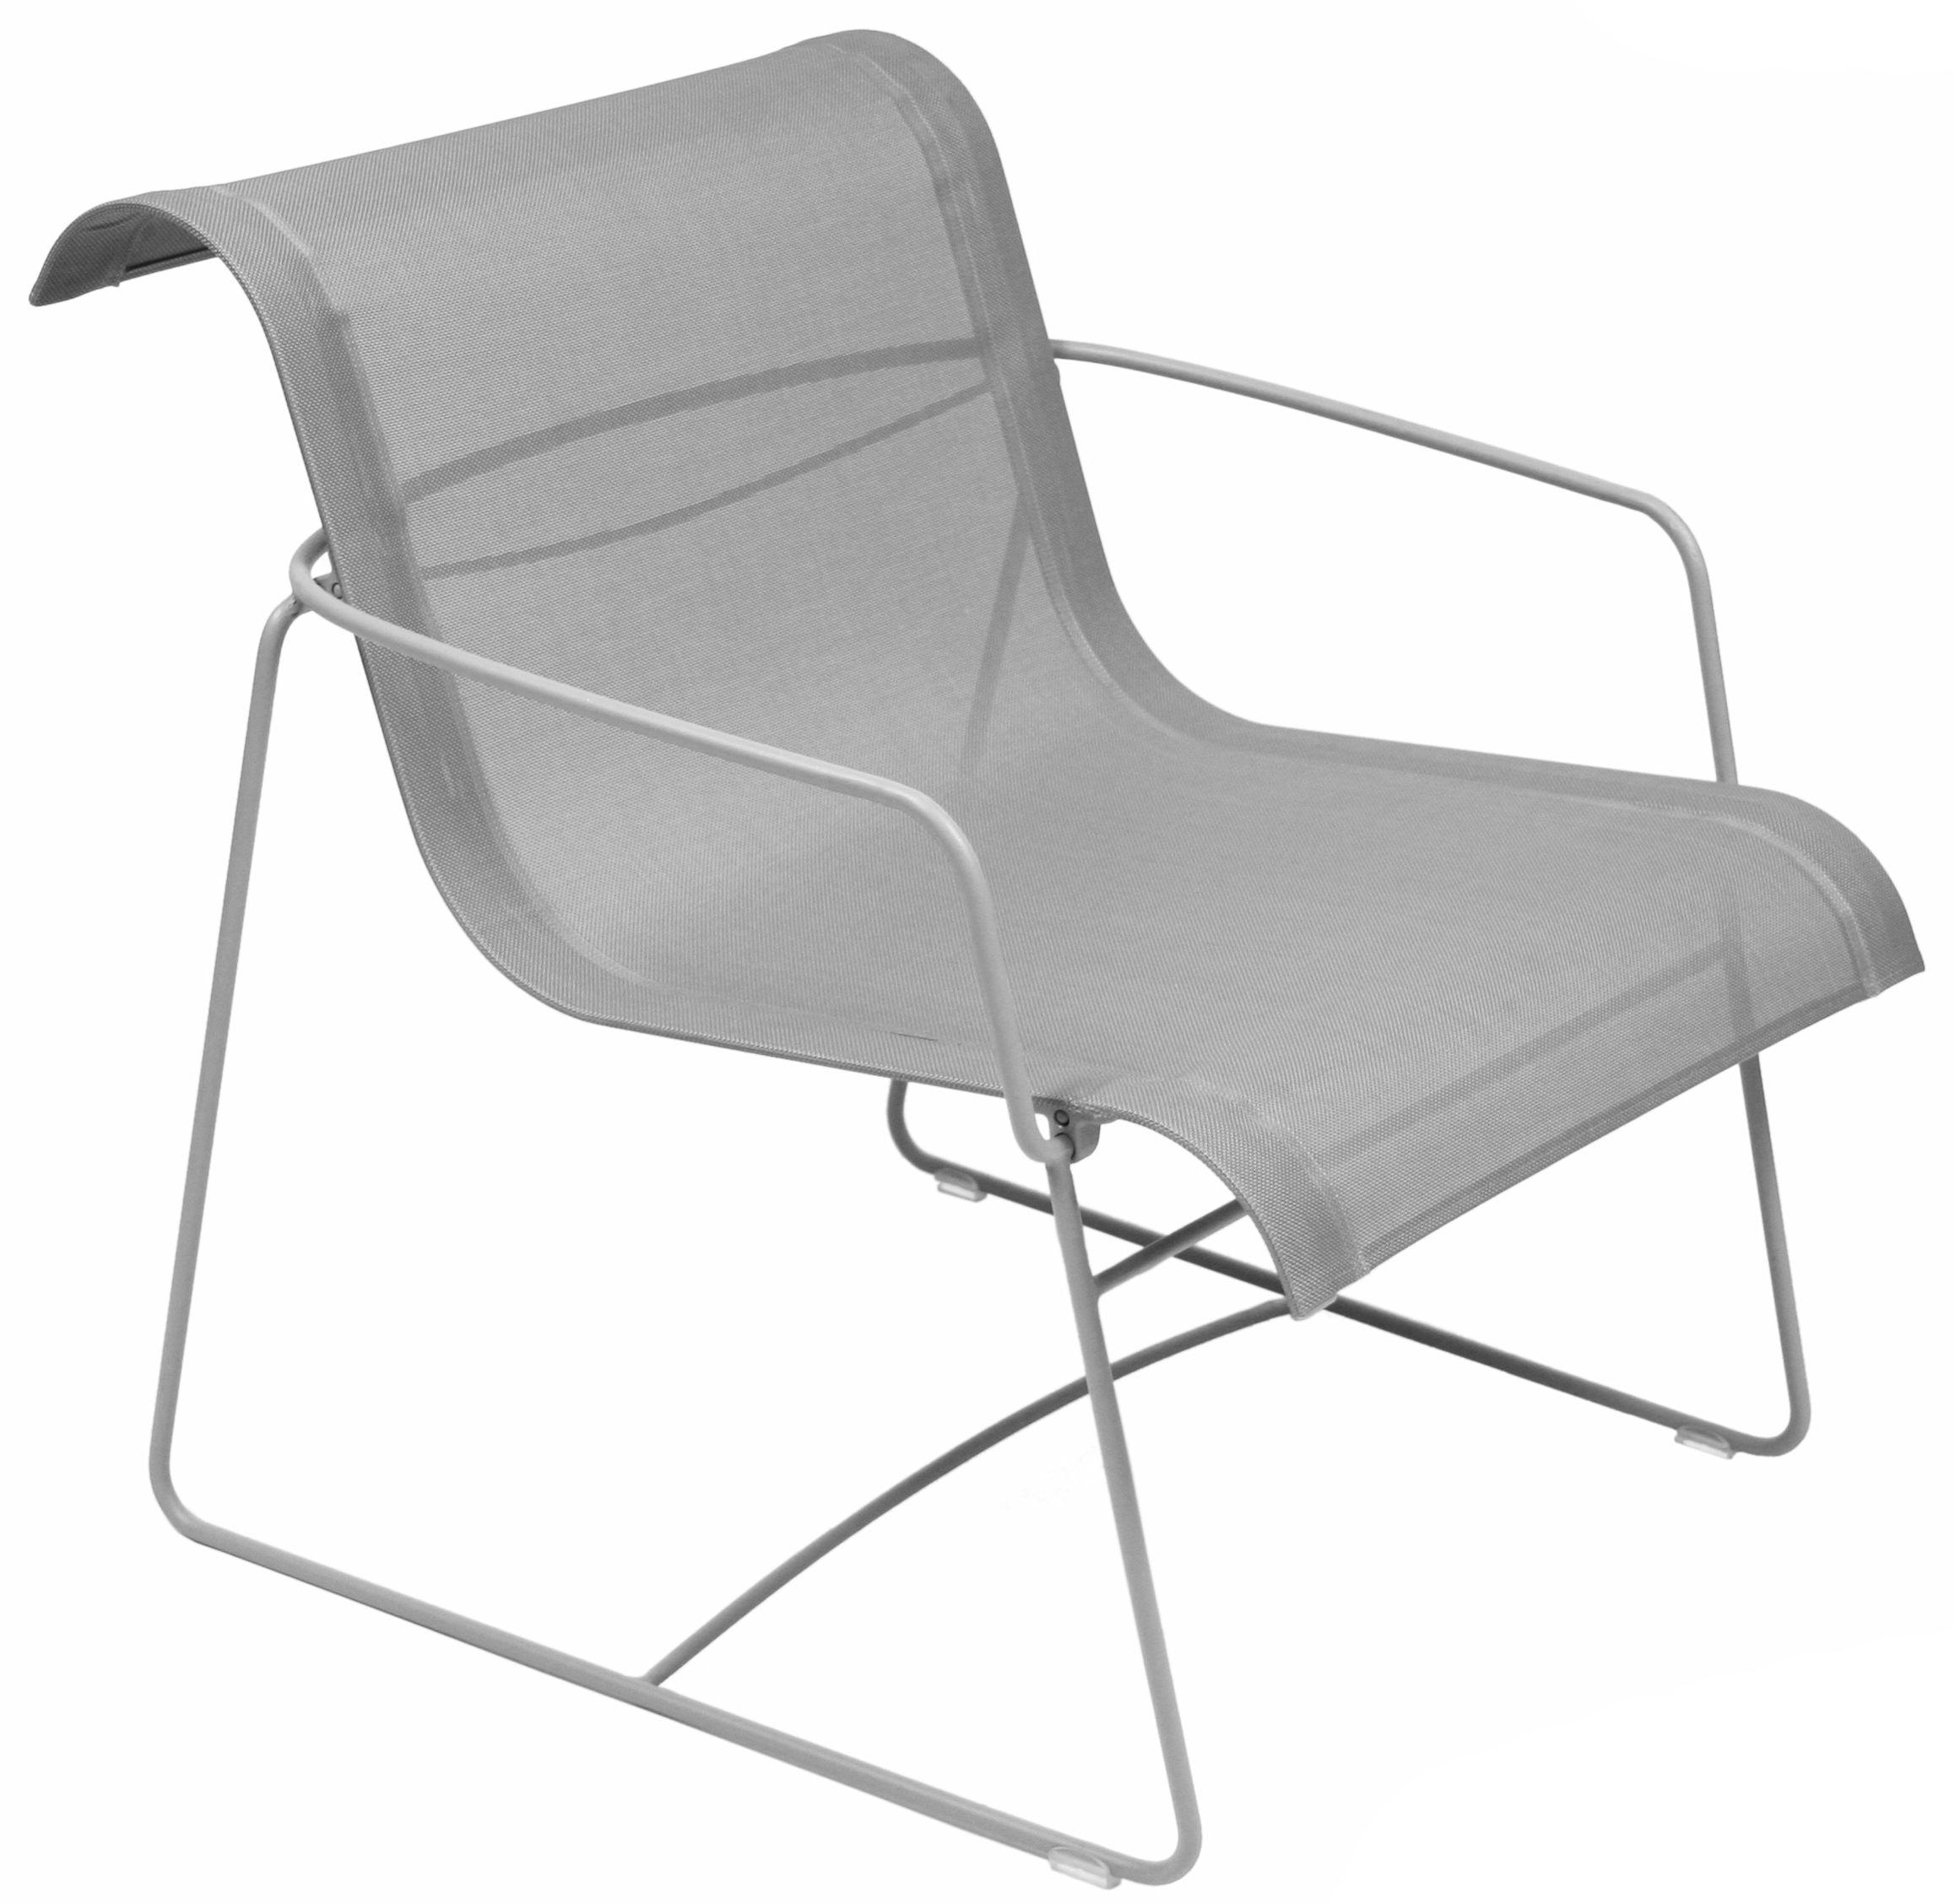 Möbel - Lounge Sessel - Ellipse Lounge Sessel - Fermob - Metallgrau - Leinen, Stahl